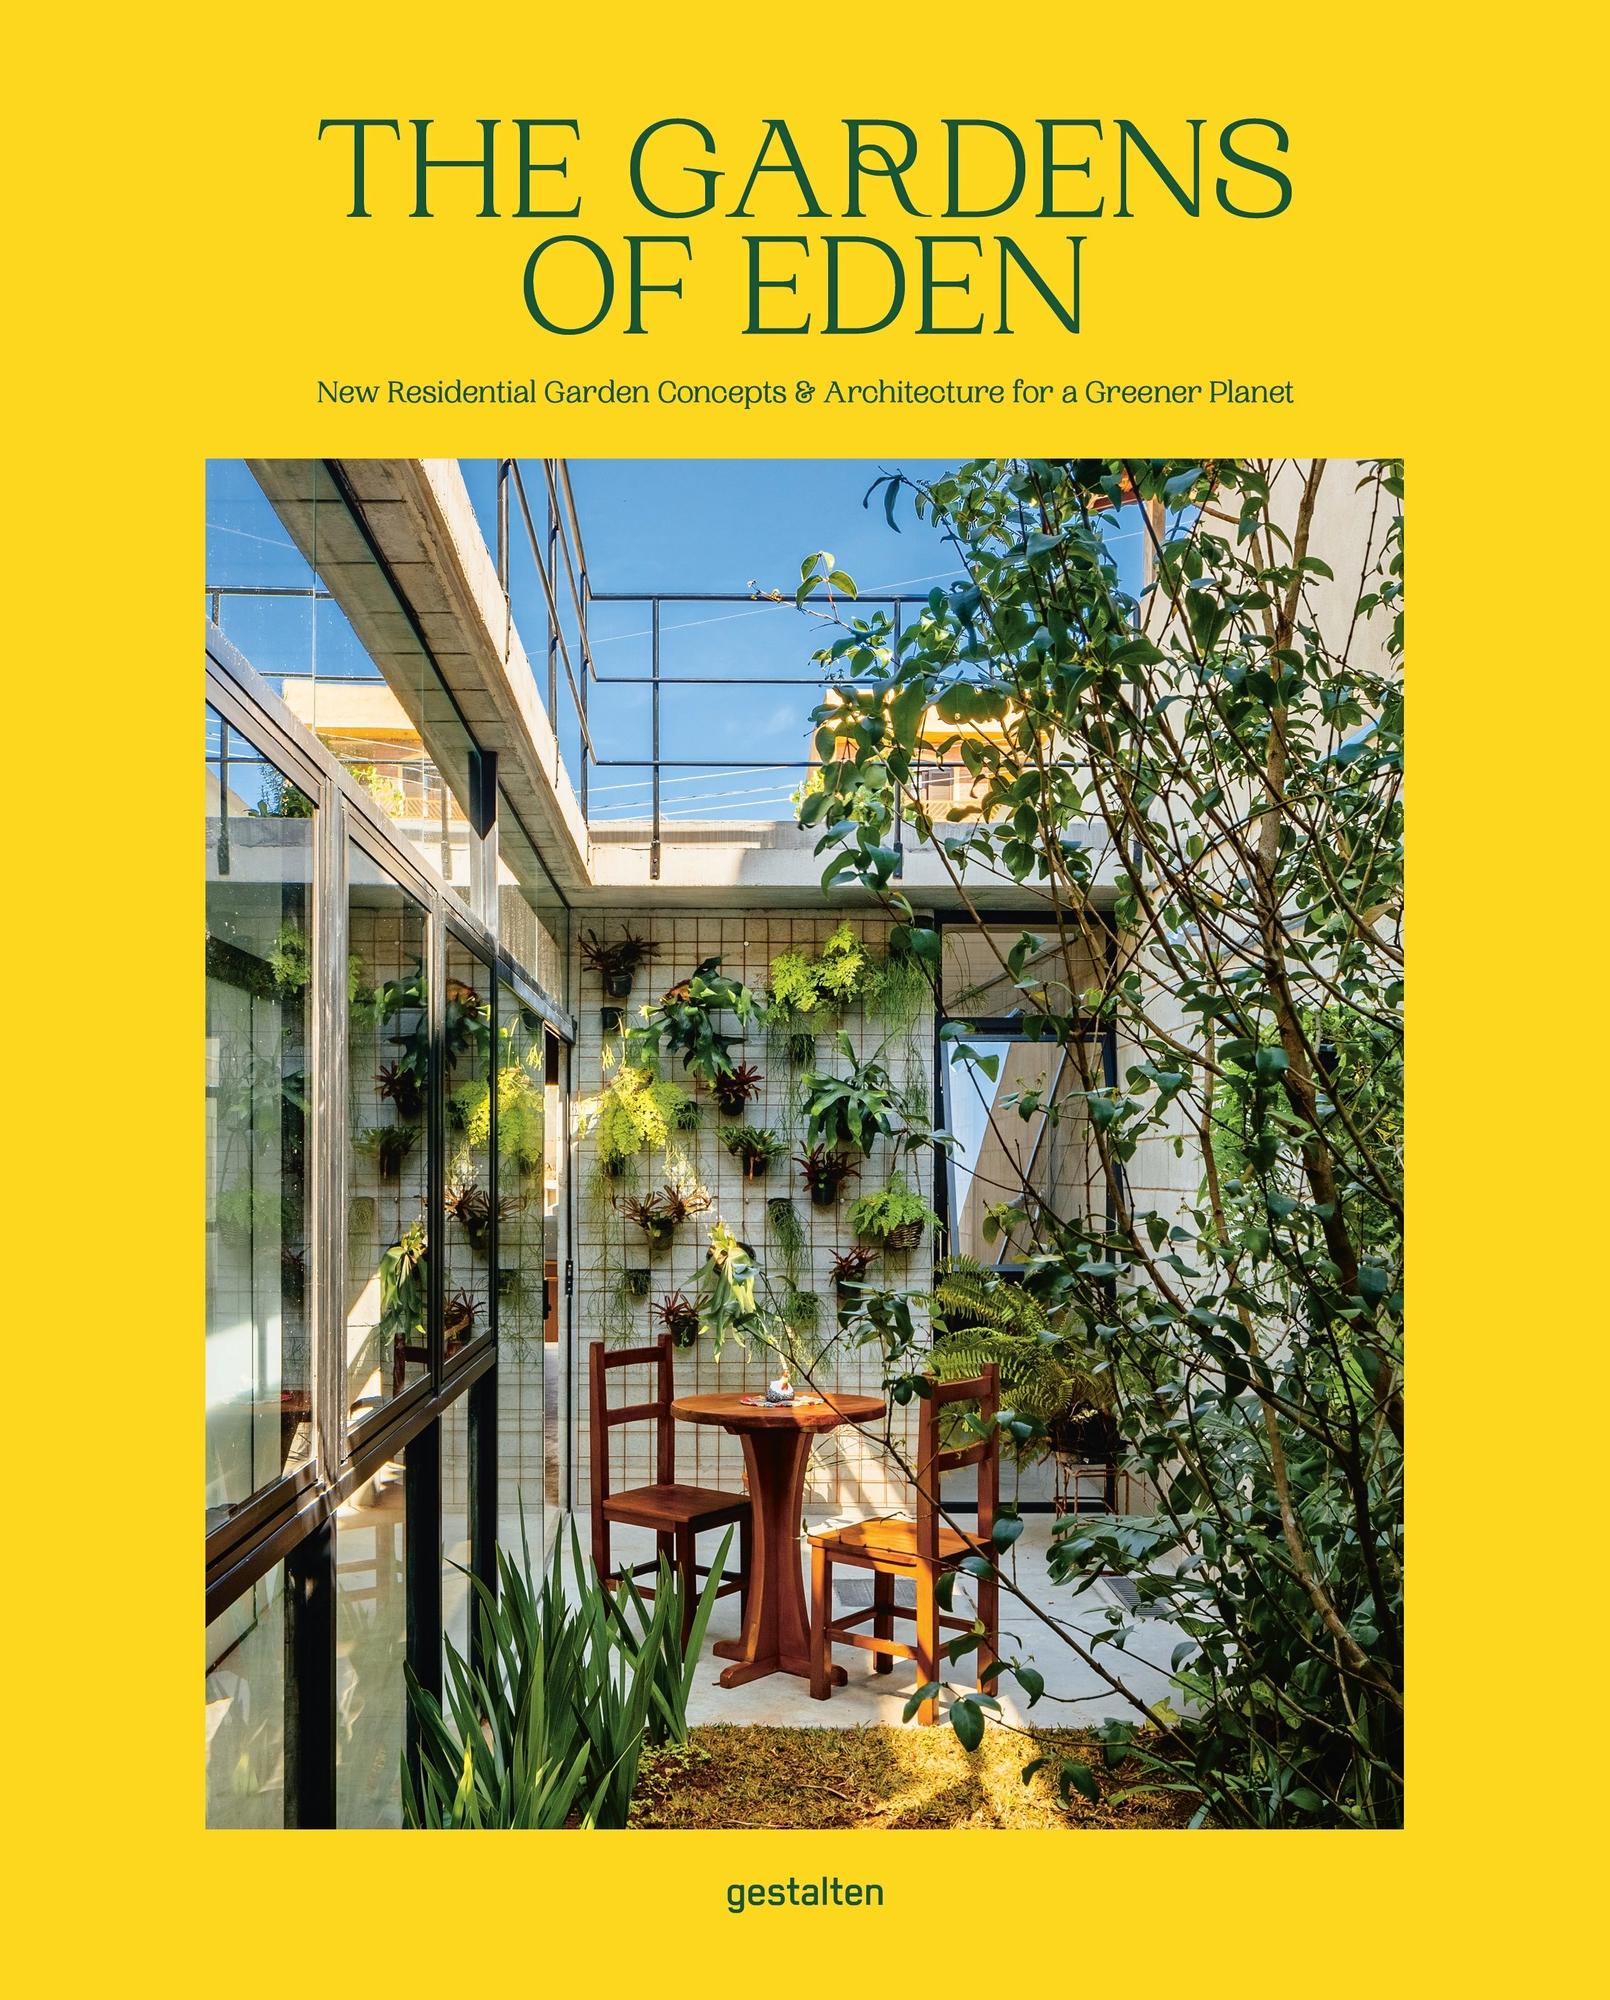 The Gardens of Eden